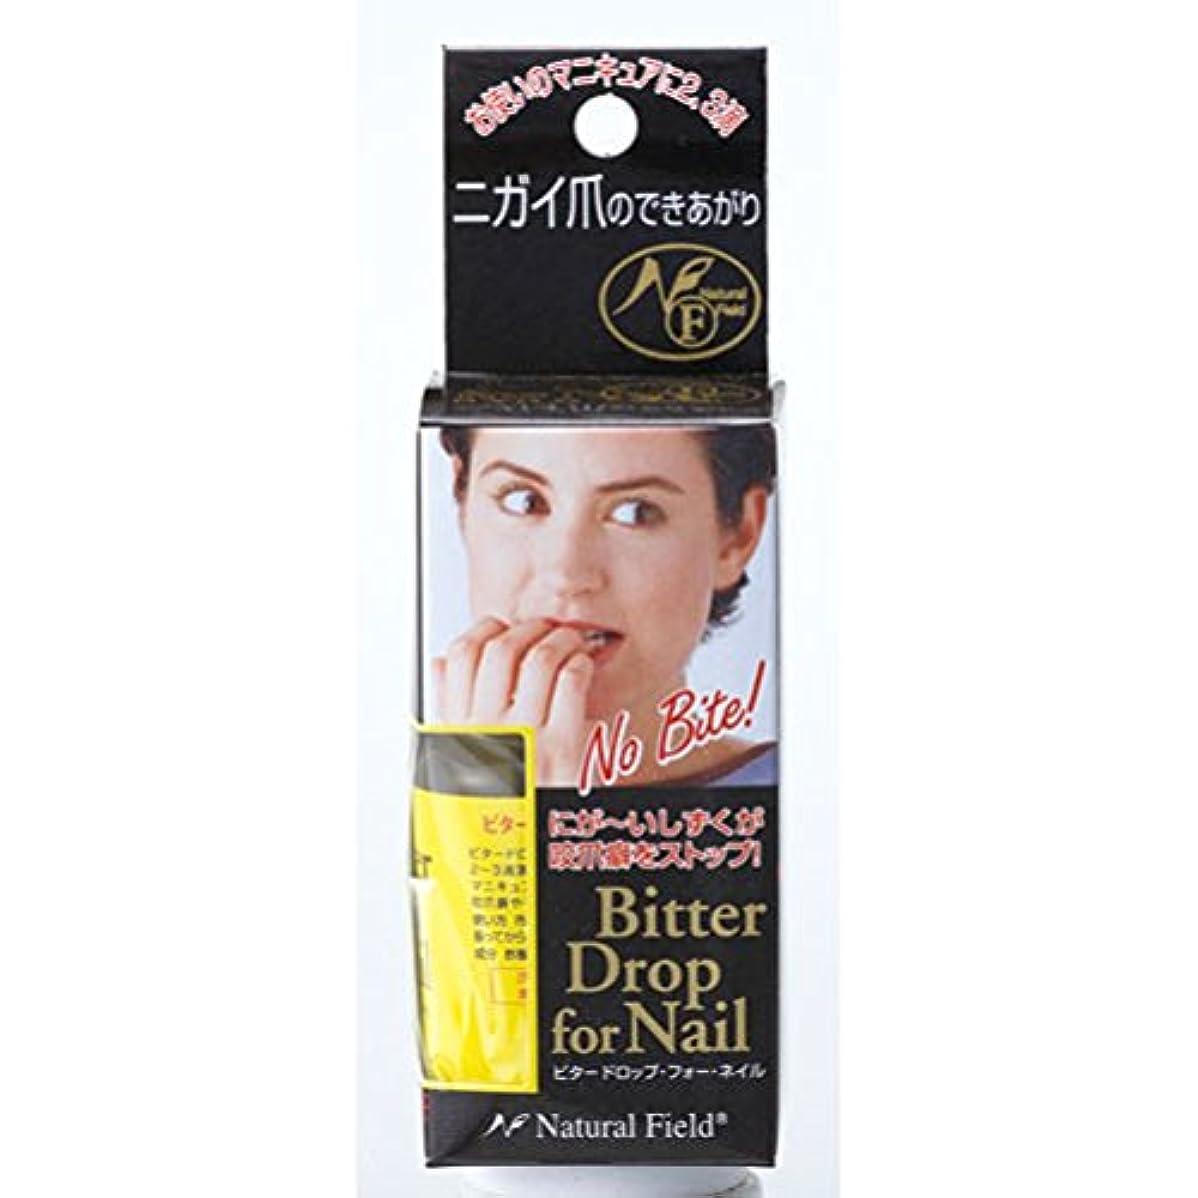 くま性交懸念Natural Field ビターフォードロップ 20ml 「咬爪癖防止」商品